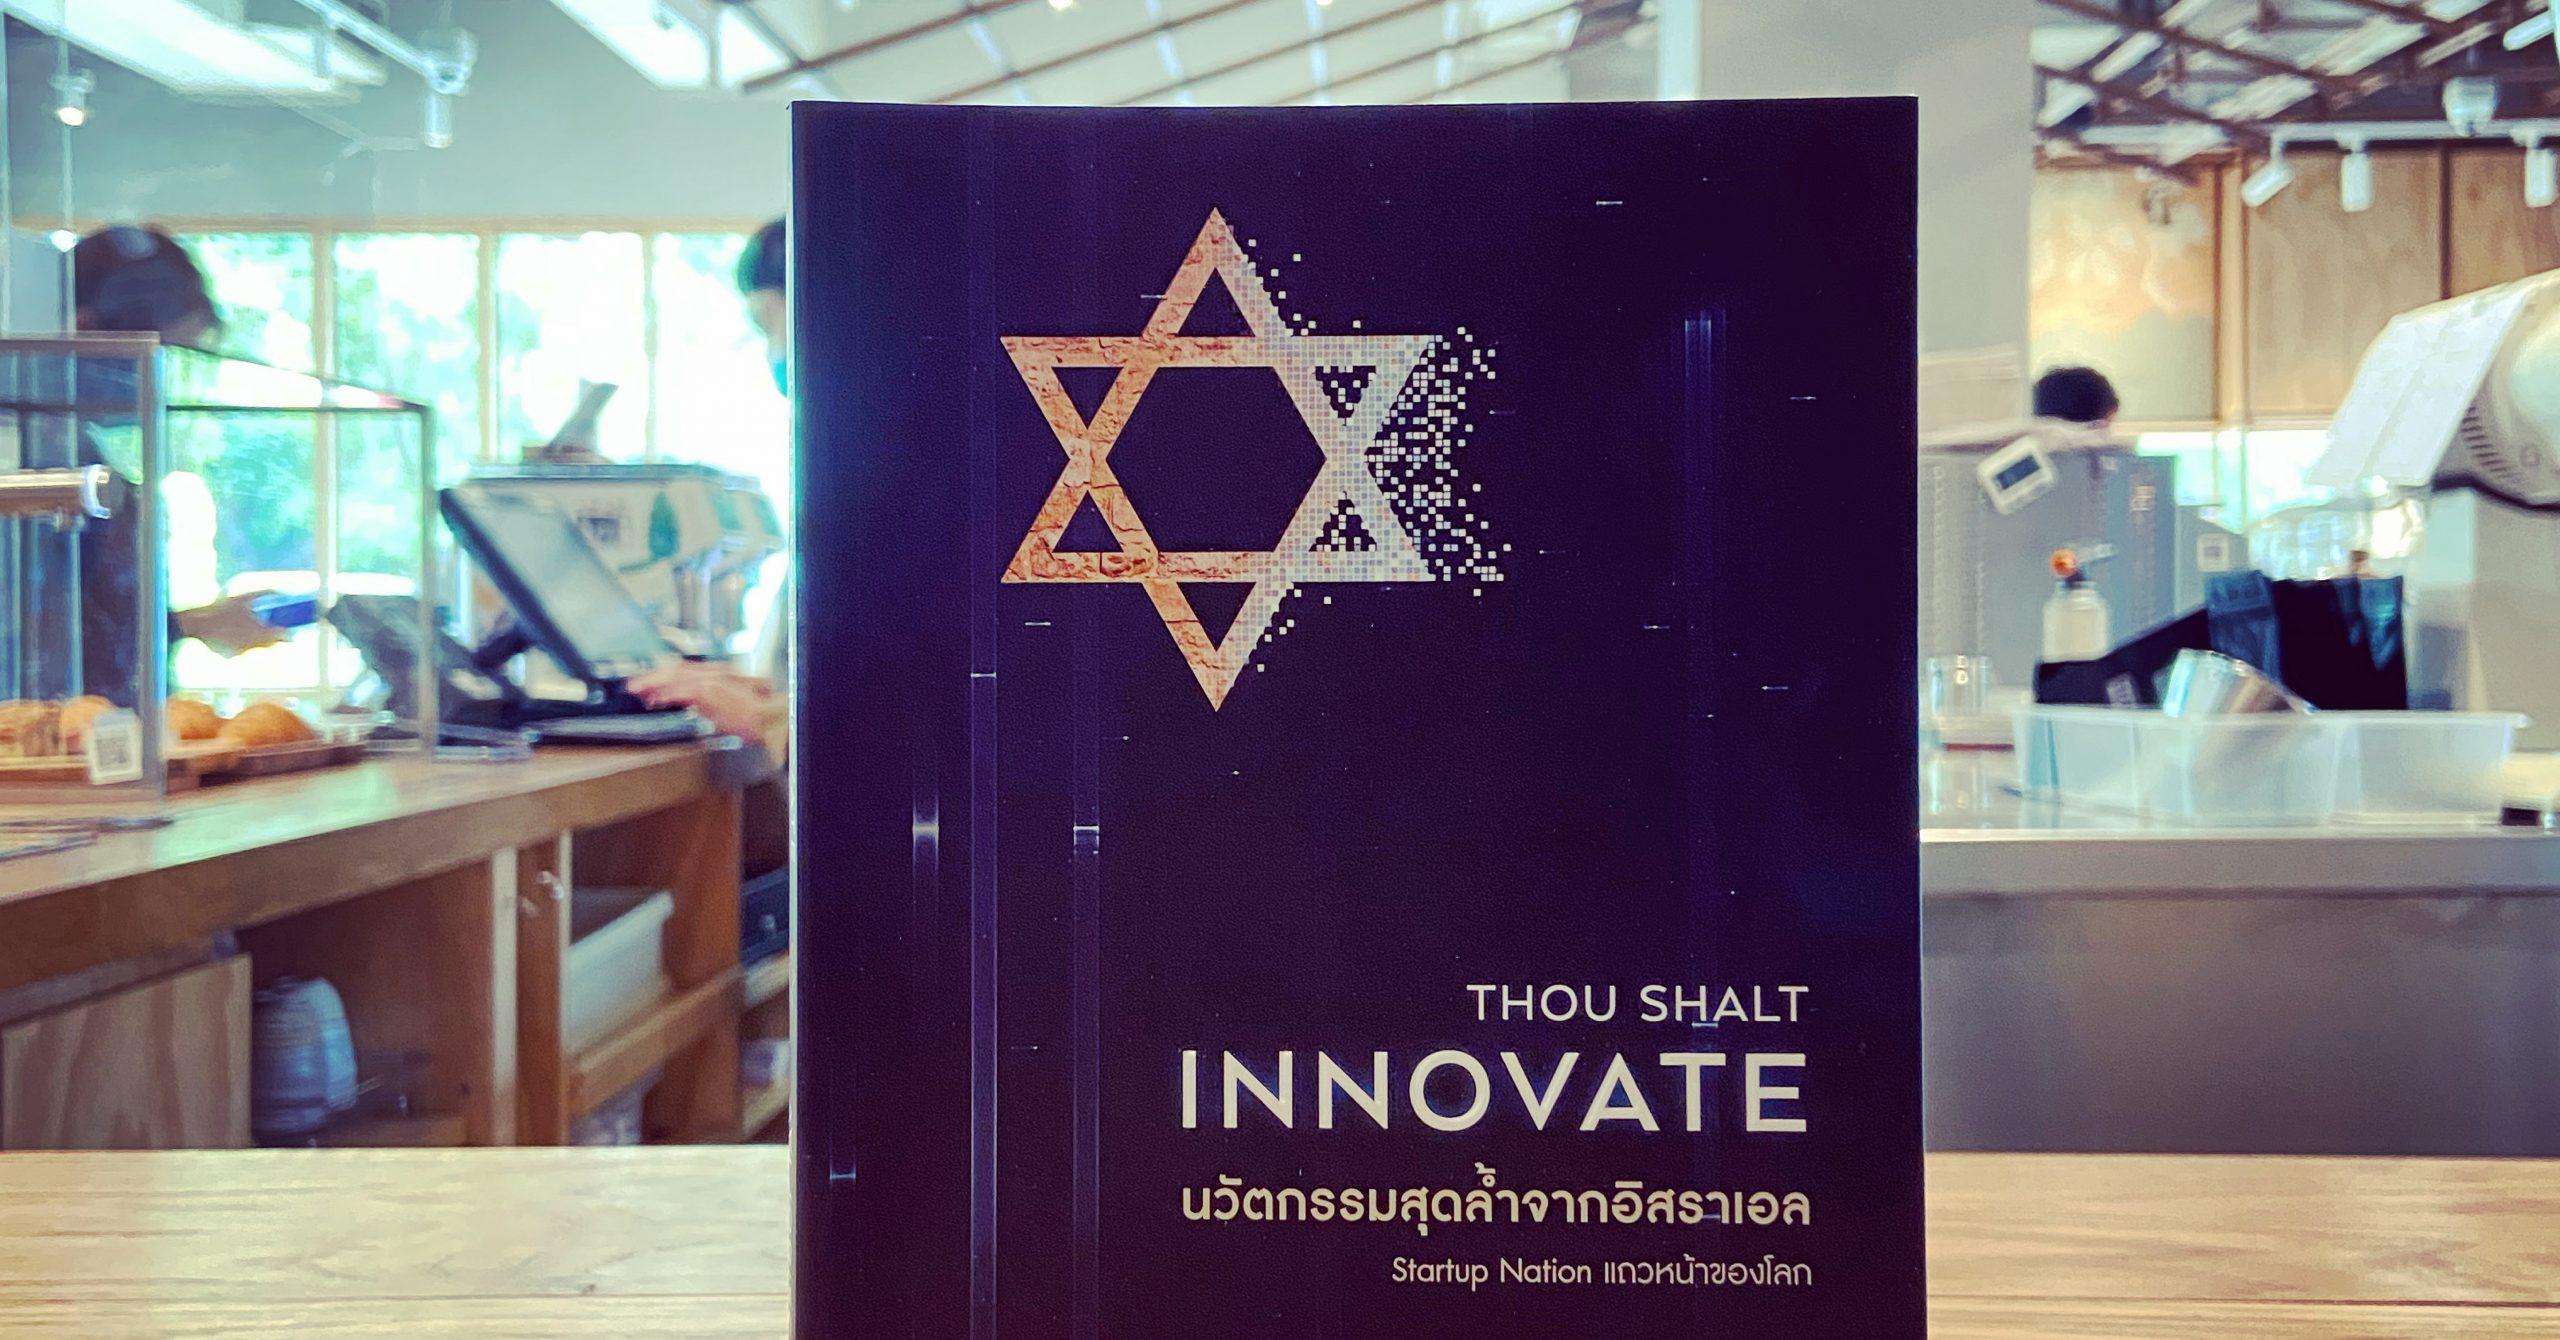 สรุปหนังสือ Thou Shalt Innovate นวัตกรรมสุดล้ำจากอิสราเอล Startup Nation แถวหน้าของโลก สำนักพิมพ์ Nation Books